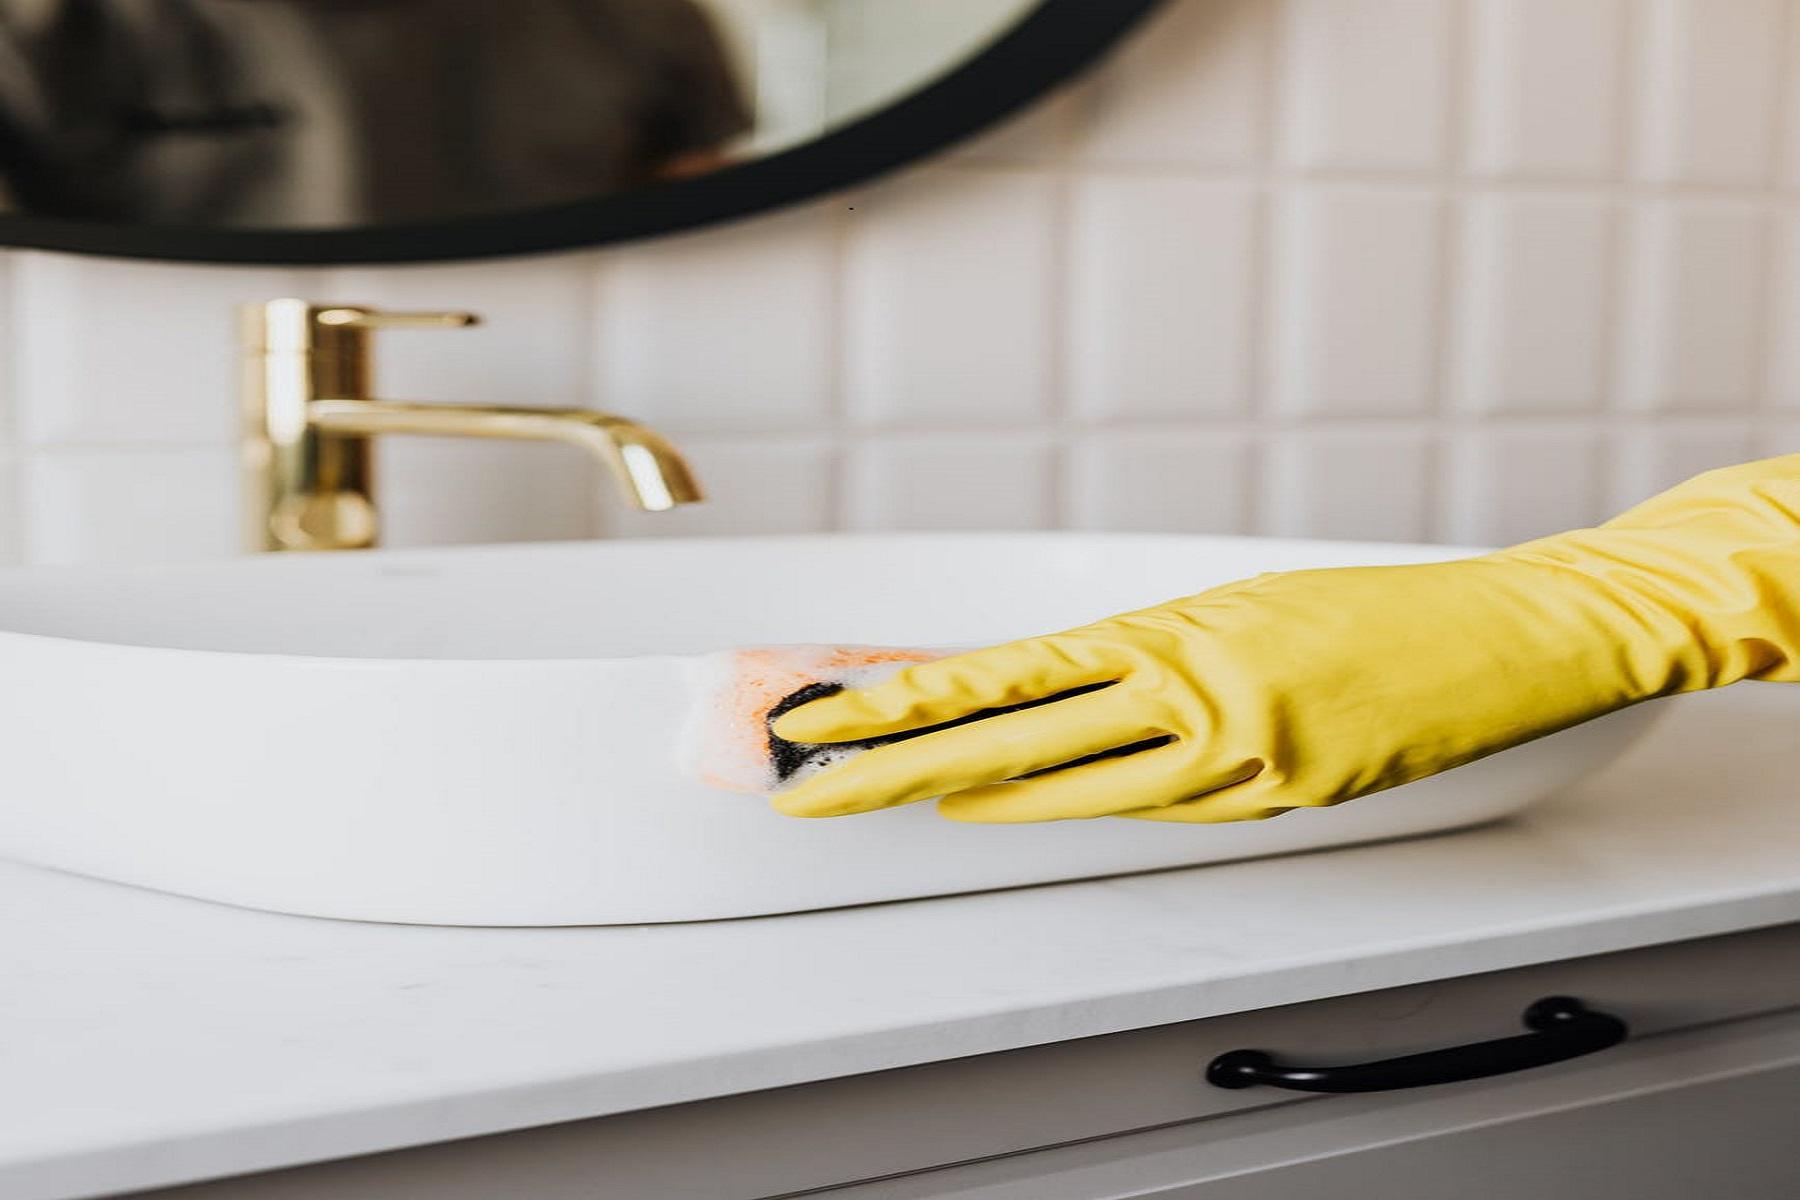 Κορωνοϊός Εξουδετέρωση: Αποτελεσματικός καθαρισμός σπιτιού έναντι ιών και μικροβίων